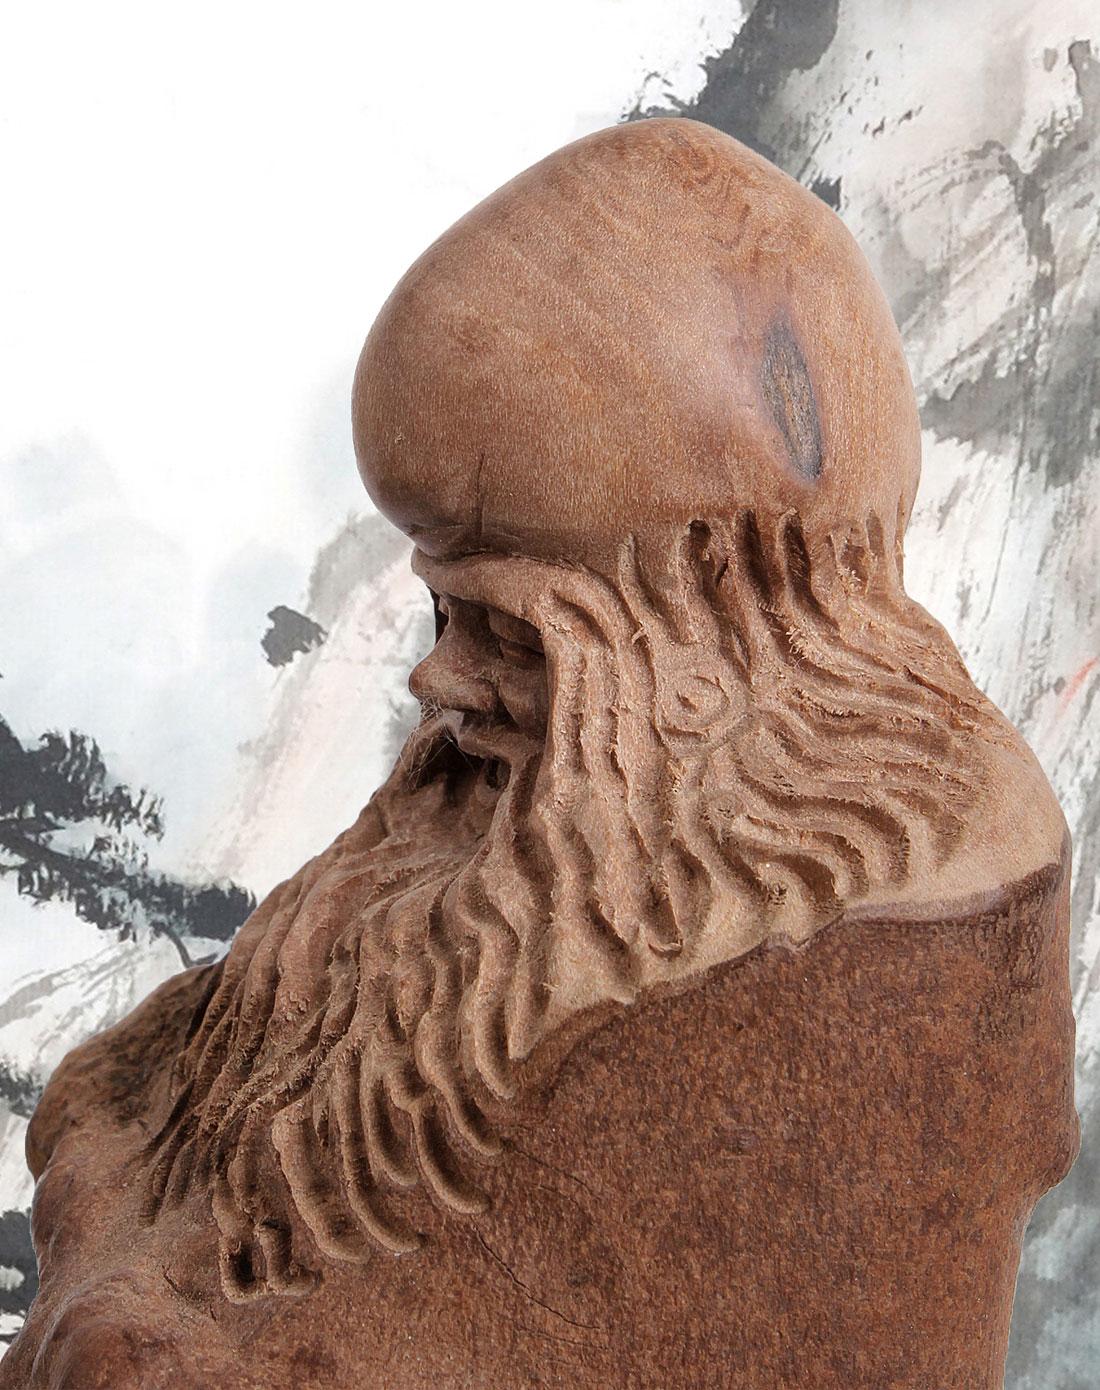 悦木之源天然茶树根雕长寿仙翁摆件04ym7q2c0006